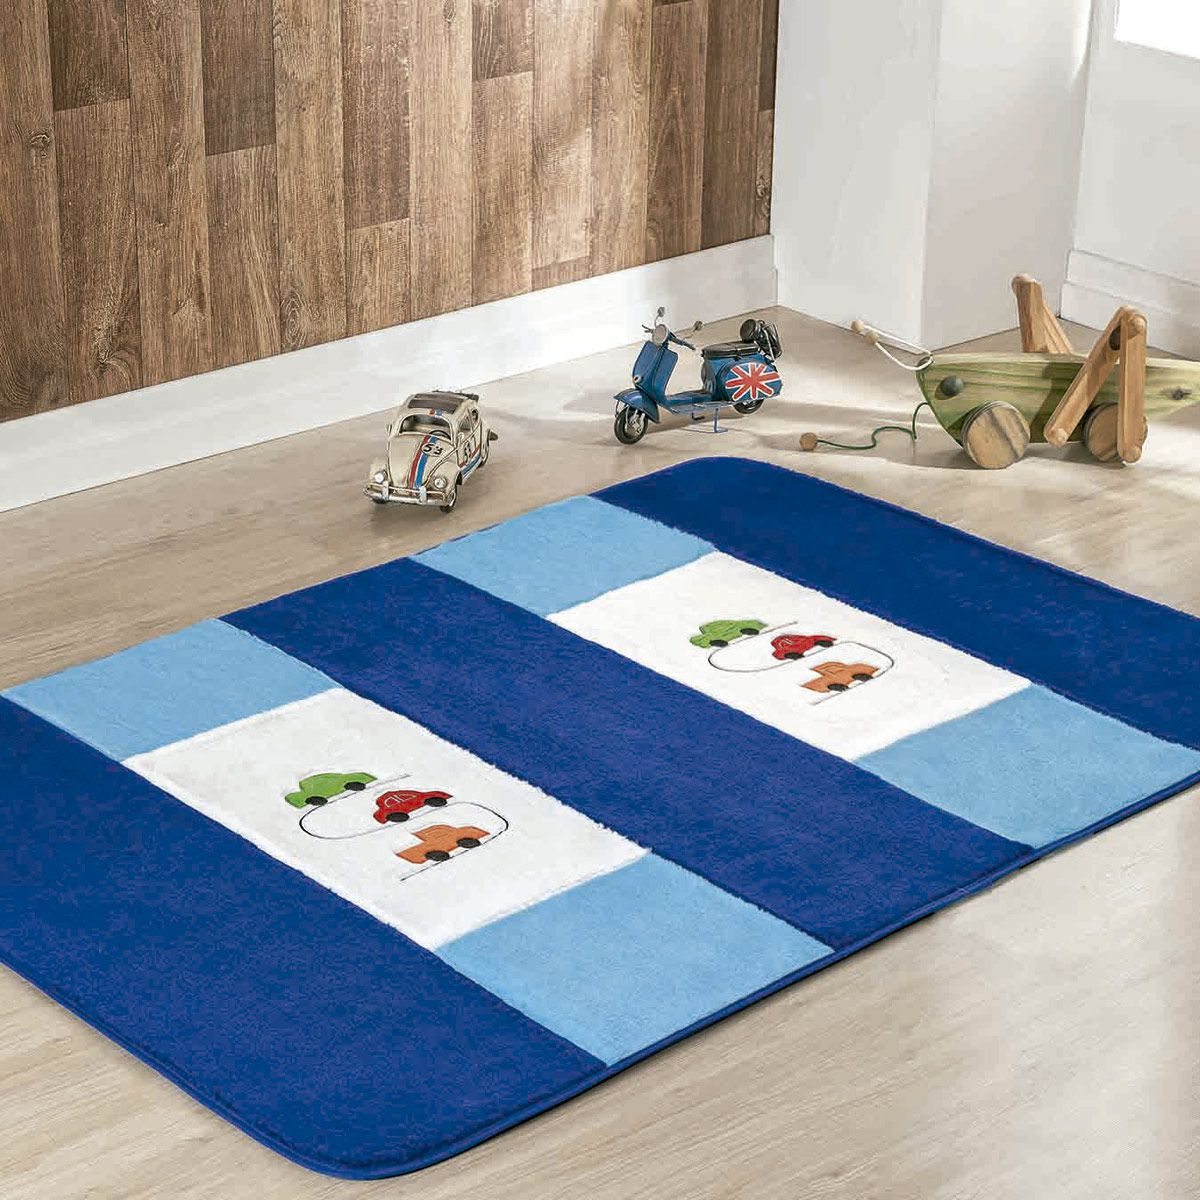 Passadeira Infantil Premium Carrinhos Azul Royal 1,20m x 74cm